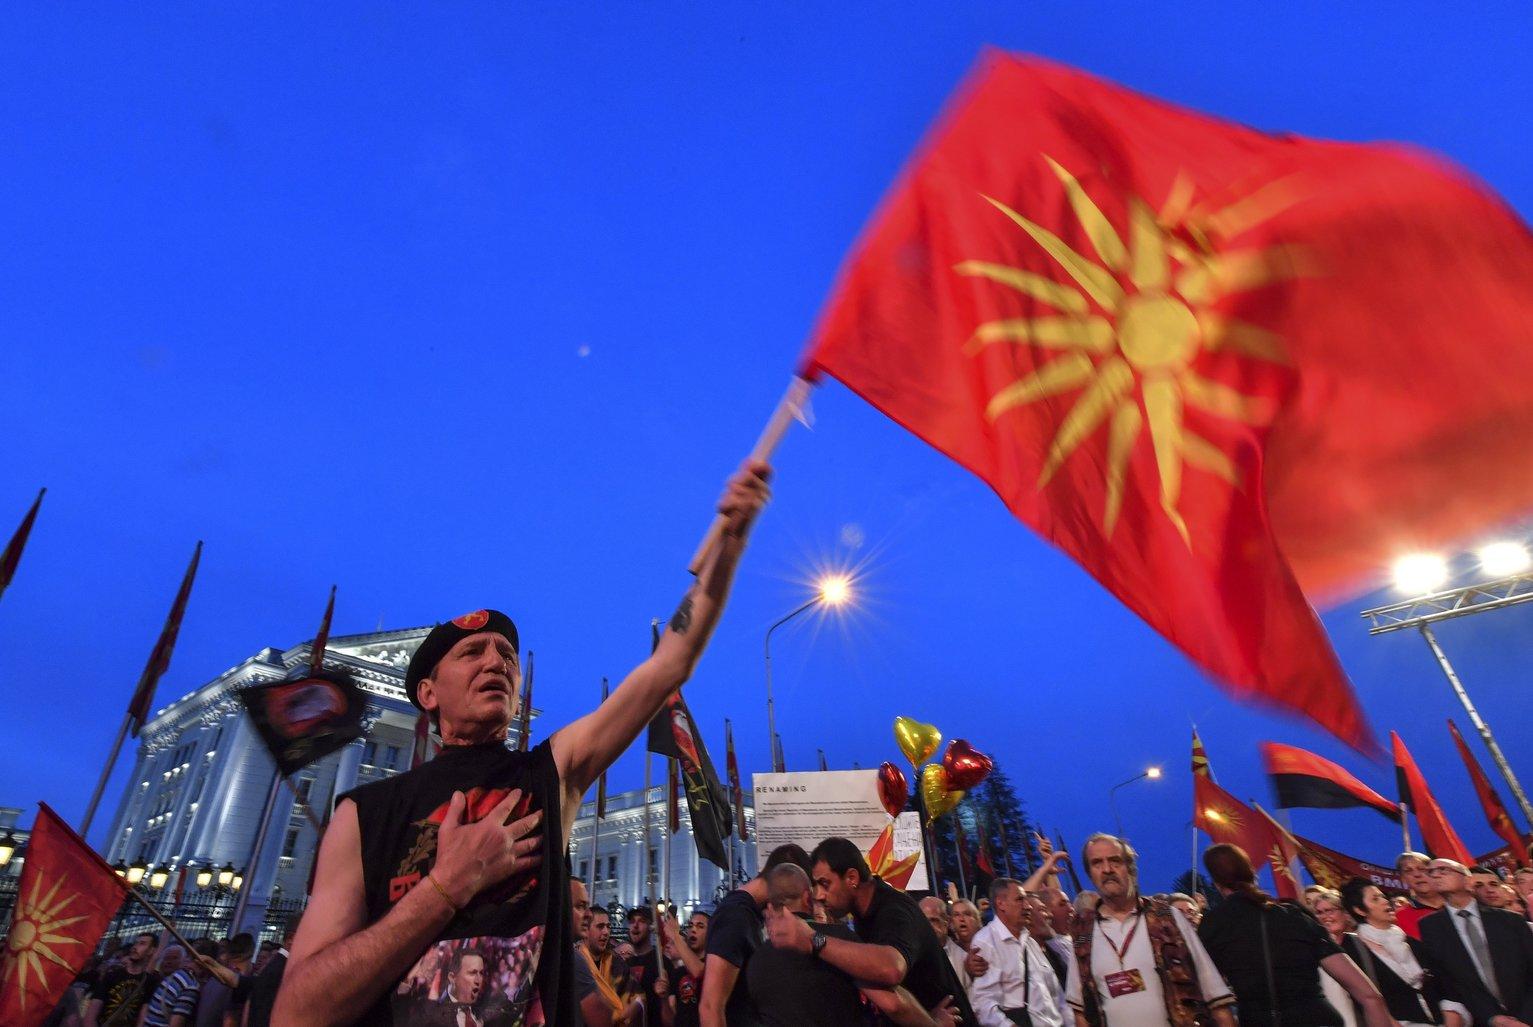 A macedón ellenzéki konzervatív Belső Macedón Forradalmi Szervezet-Macedón Nemzeti Egység Demokratikus Pártja, a VMRO-DPMNE pártszövetség kormányellenes tüntetése a szkopjei kormányépület előtt 2018. június 2-án. A tüntetők az ország nevének megváltoztatása ellen tiltakoztak és előrehozott választások kiírását követelték. (MTI/EPA/Georgi Licovszki)